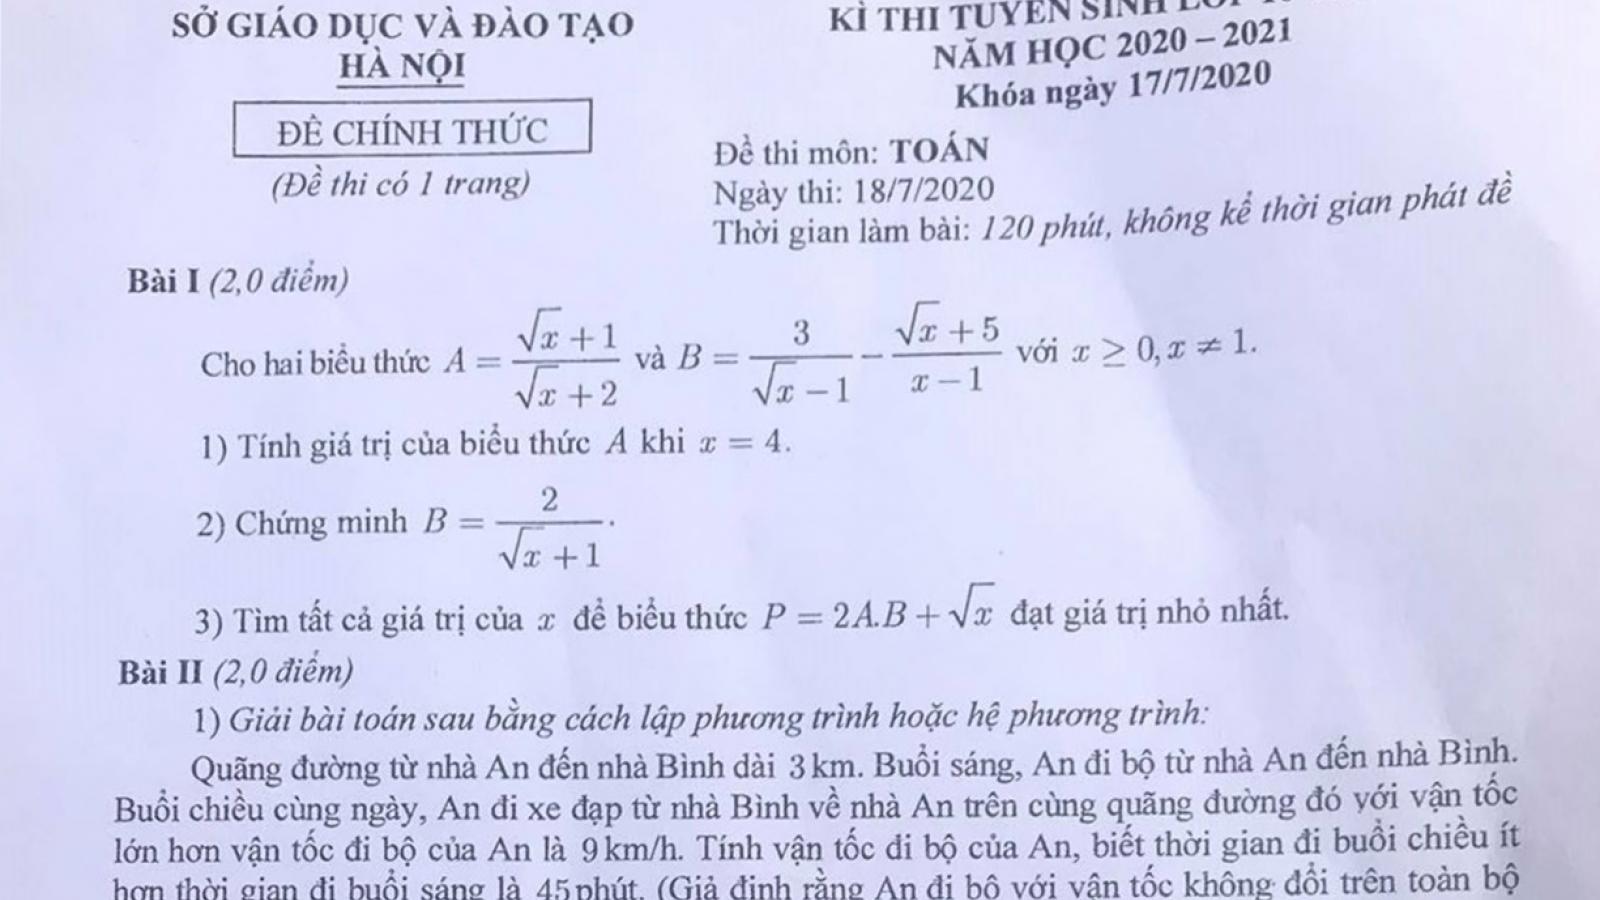 Đề thi Toán vào lớp 10 THPT tại Hà Nội